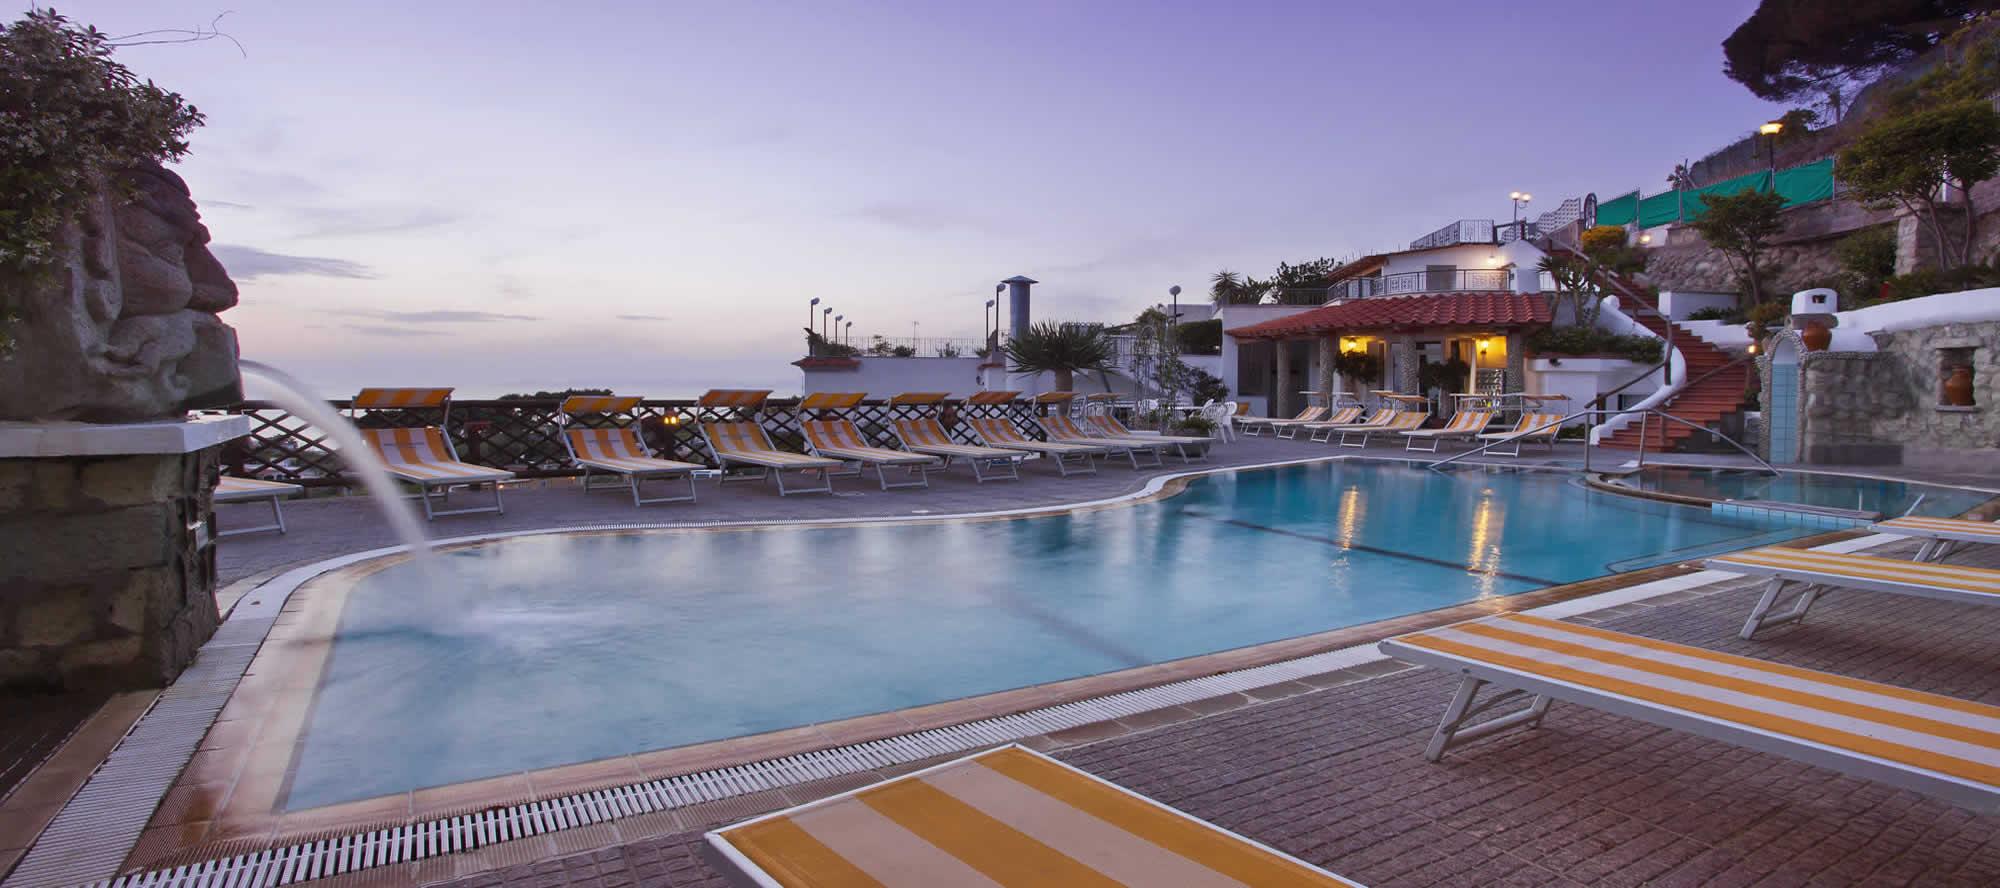 residence-la-rosa-ischia-piscina-esterna